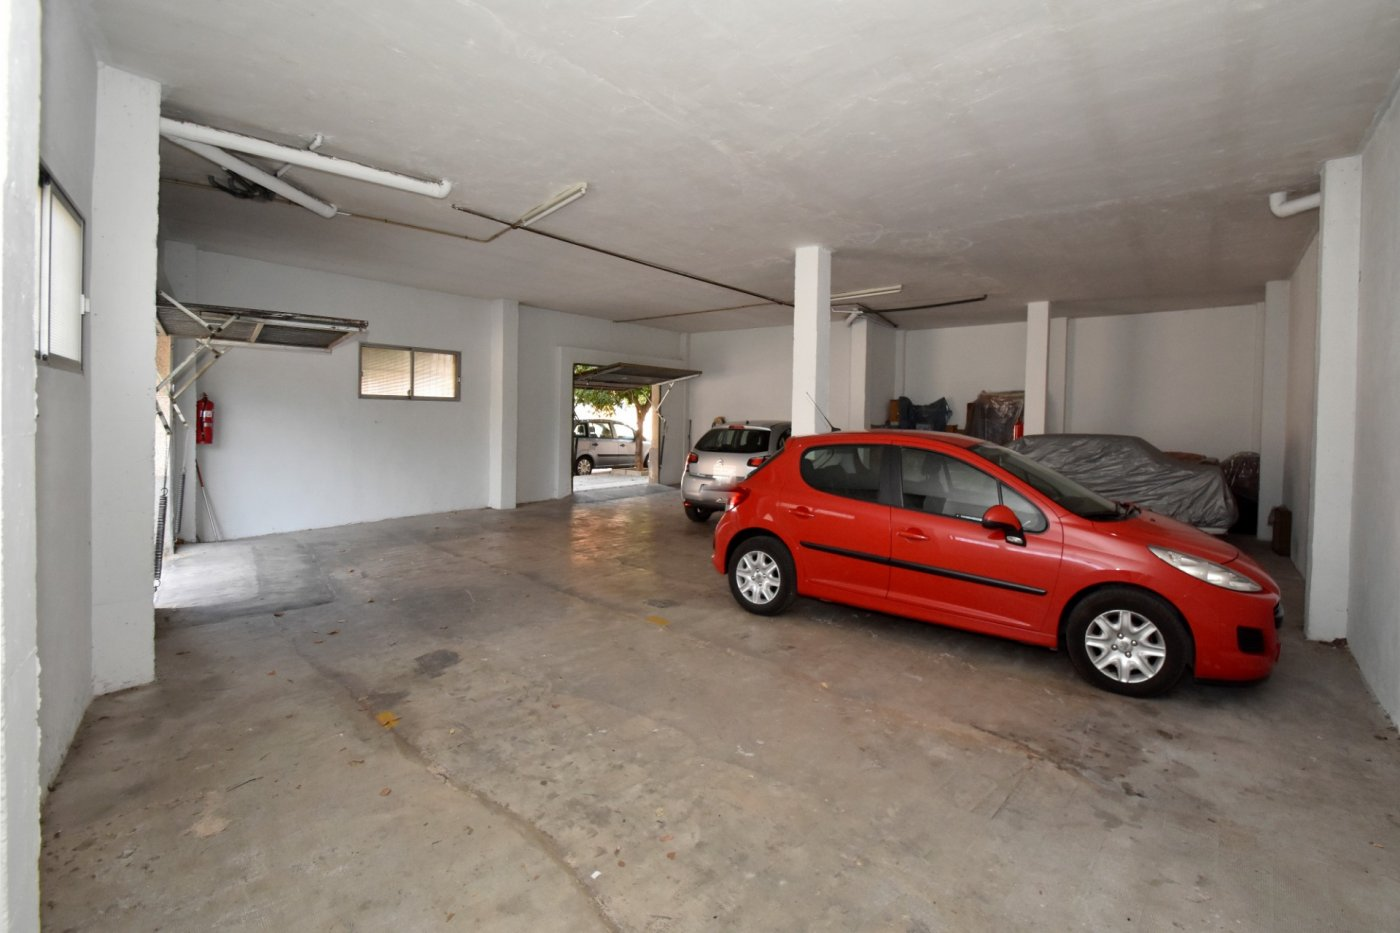 Piso Único entrar a vivir en venta en Cartagena, Las Cuatrocientas